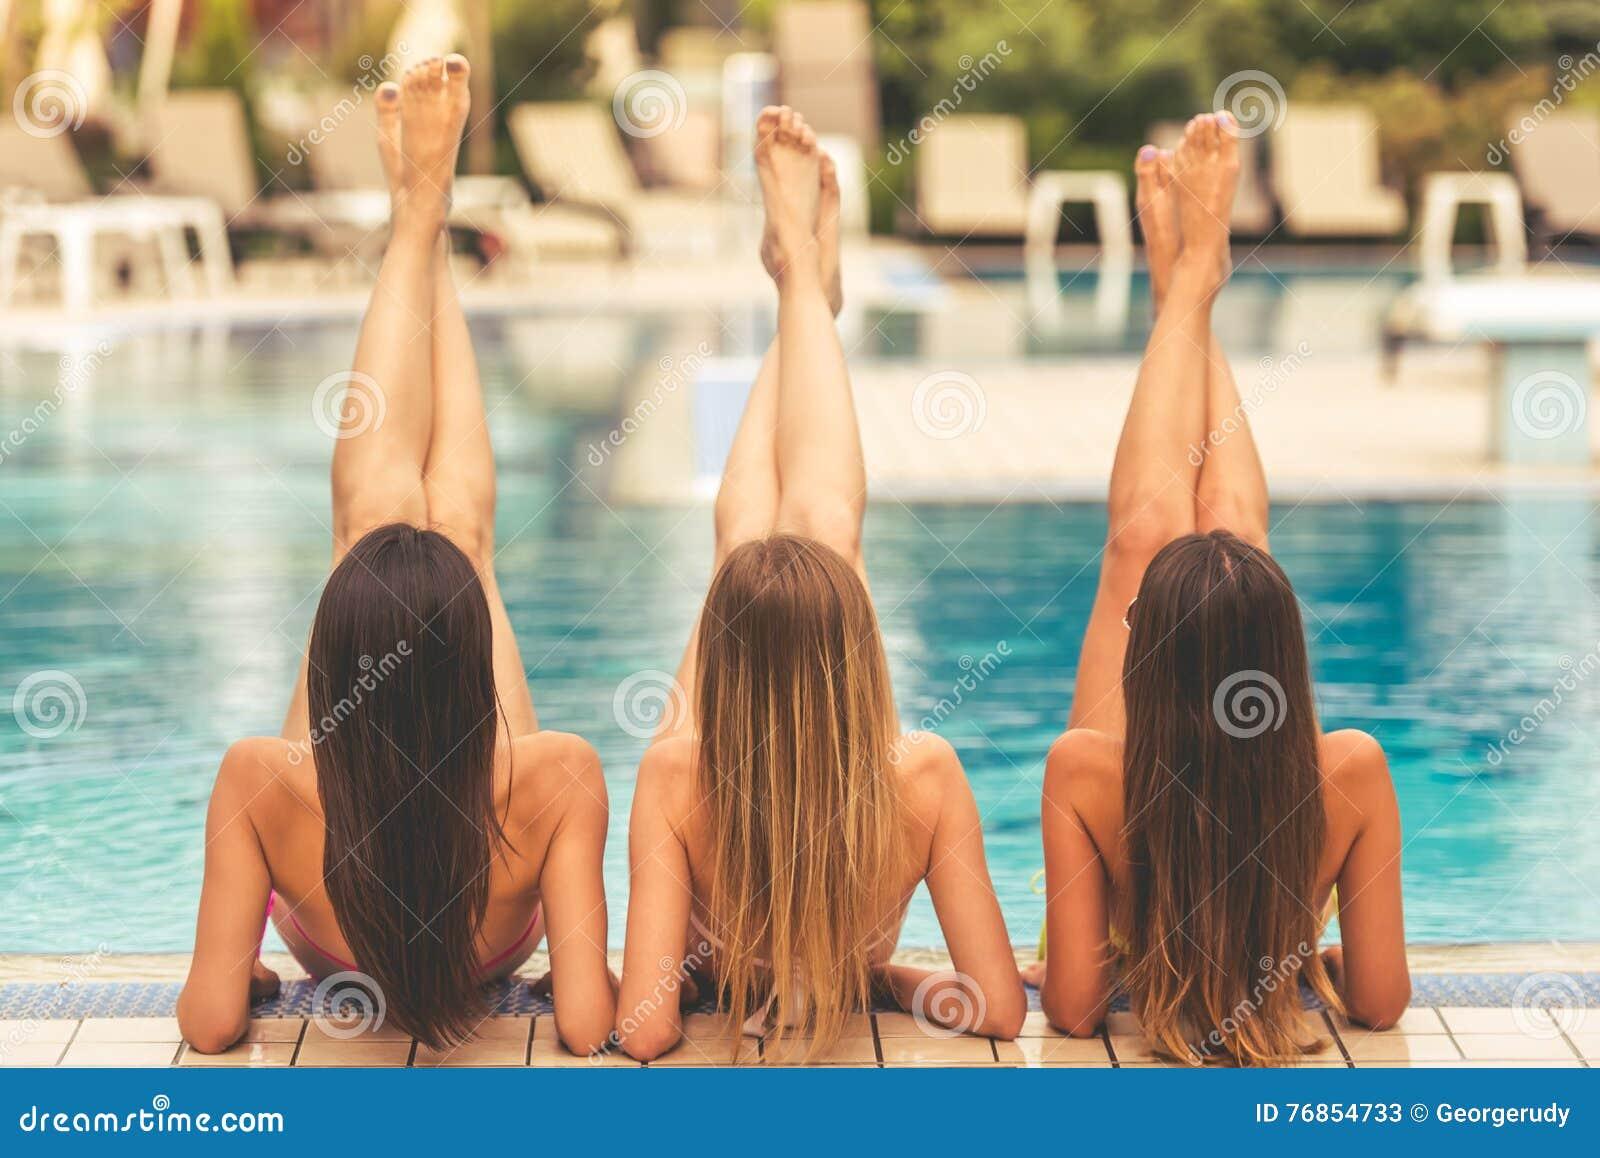 Девушки на бассейне